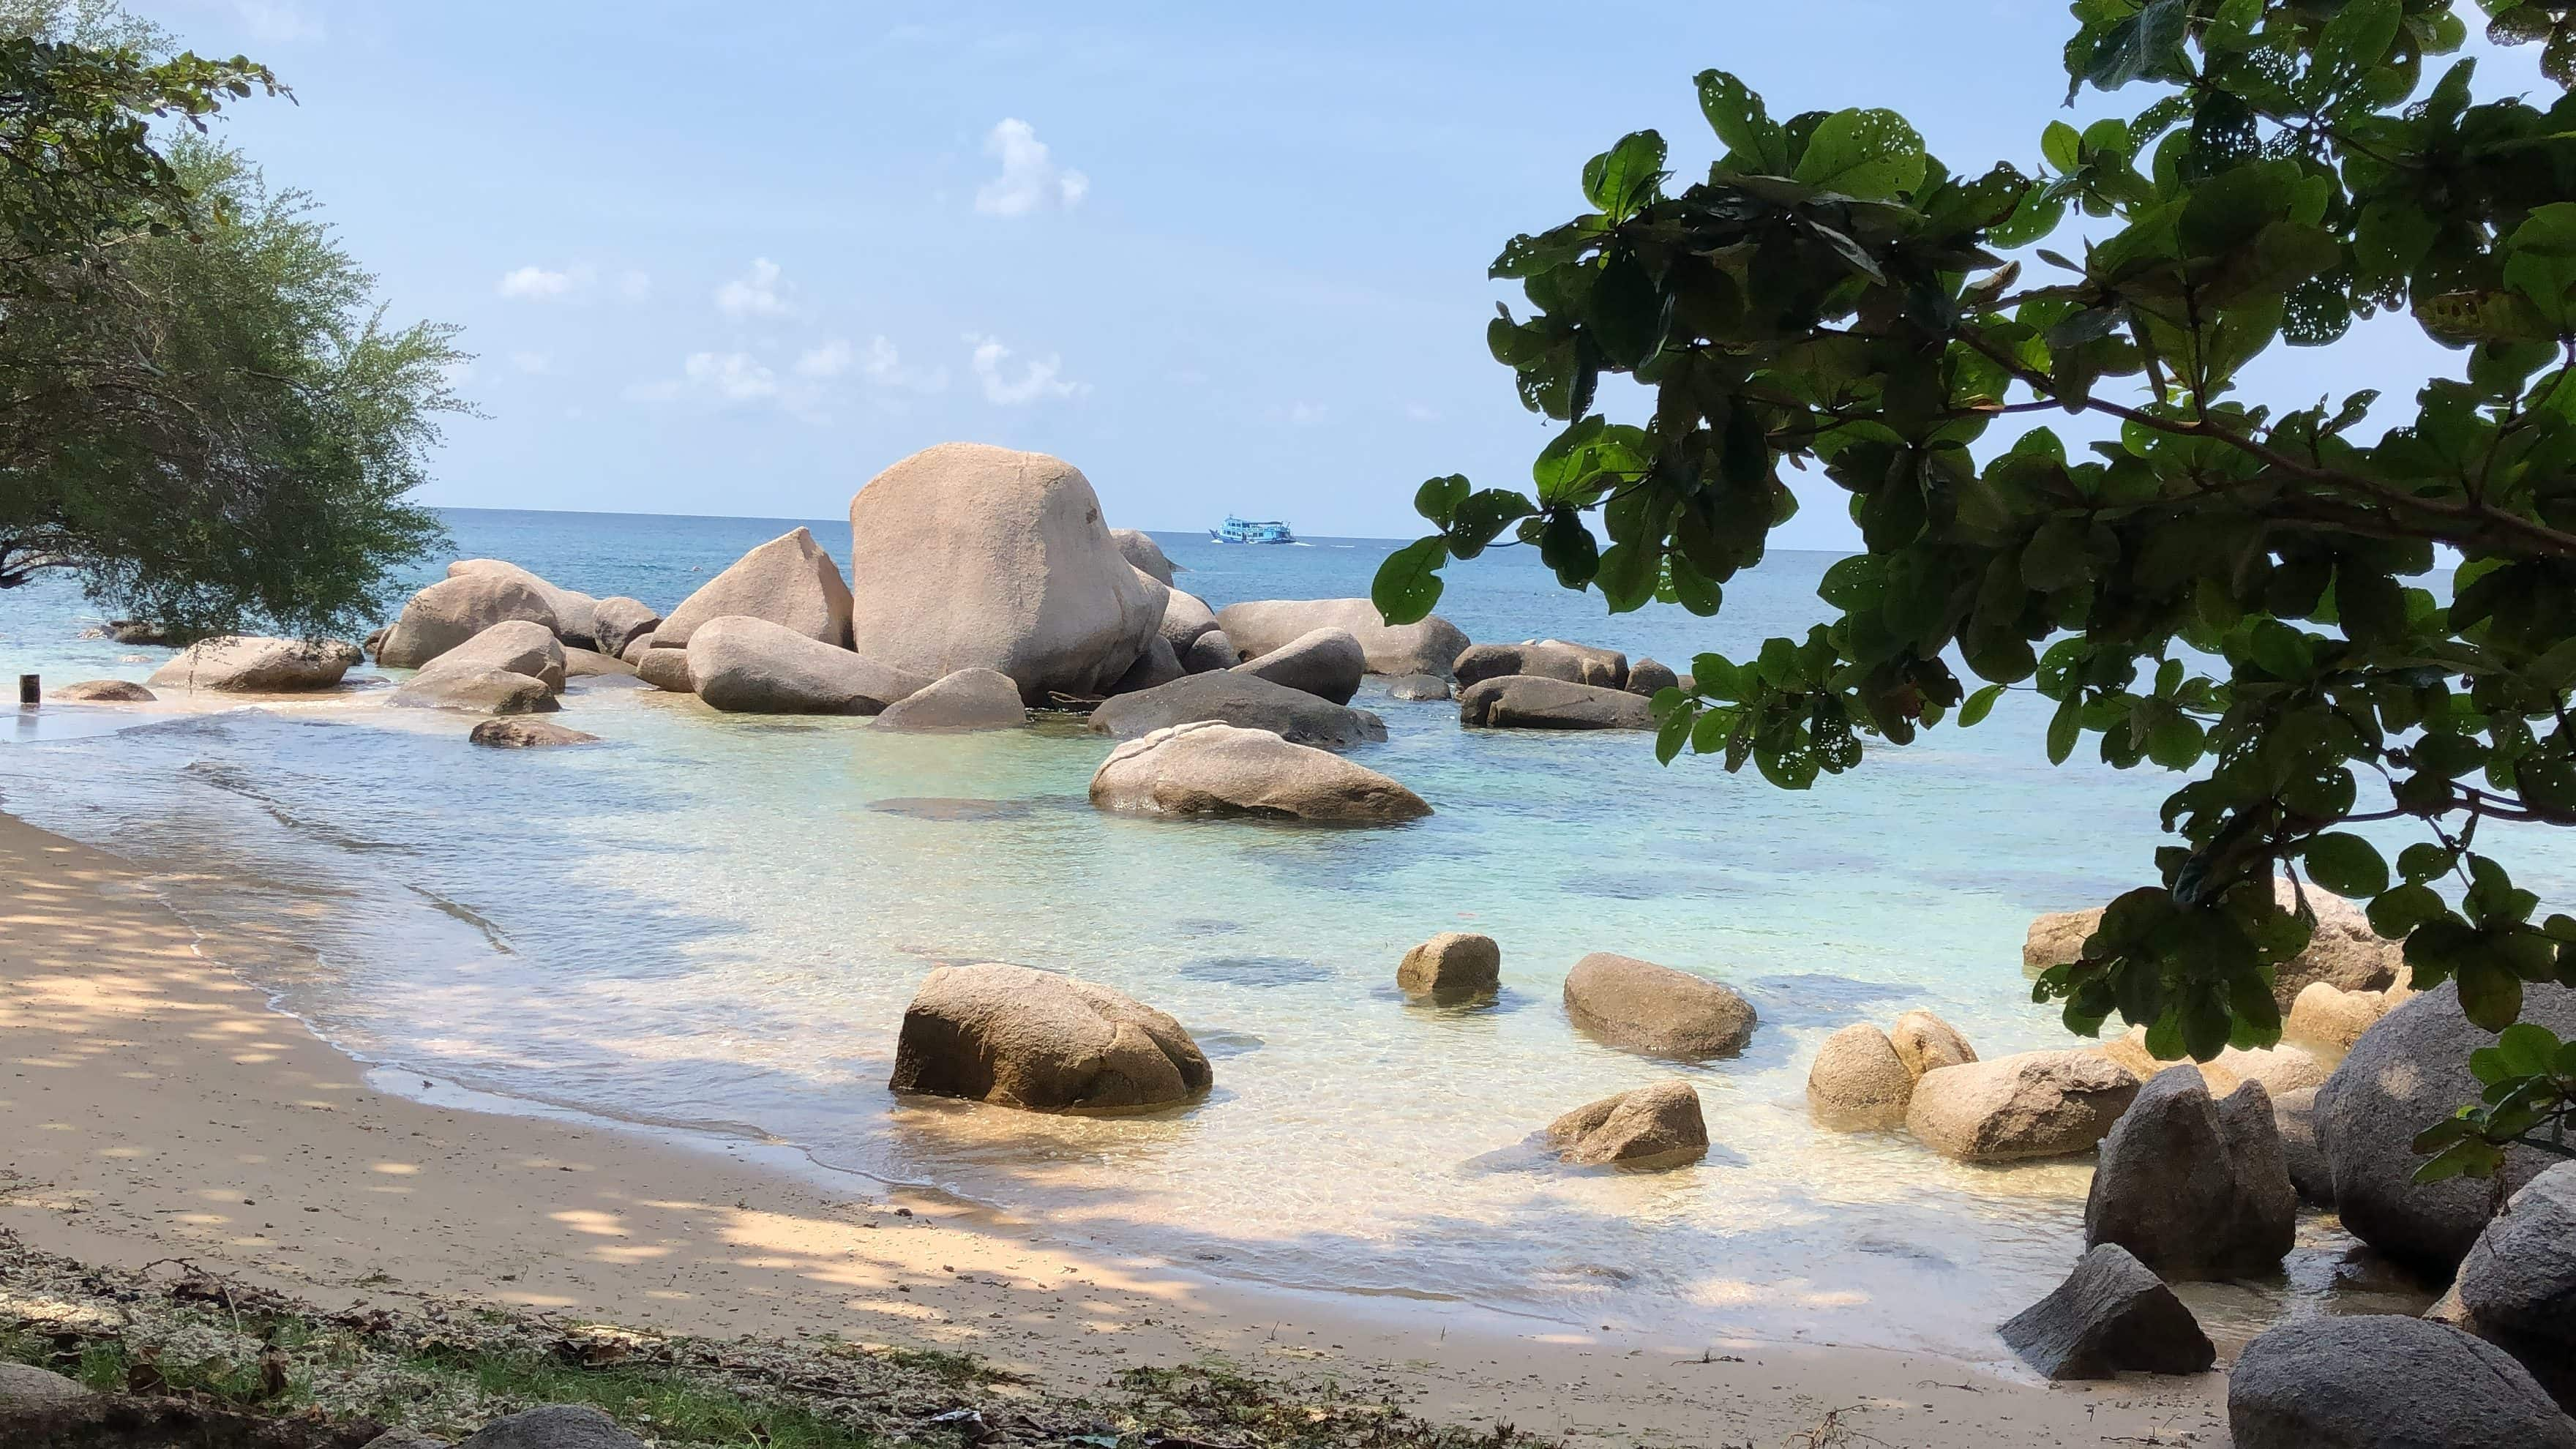 Beautiful beaches of Koh Tao